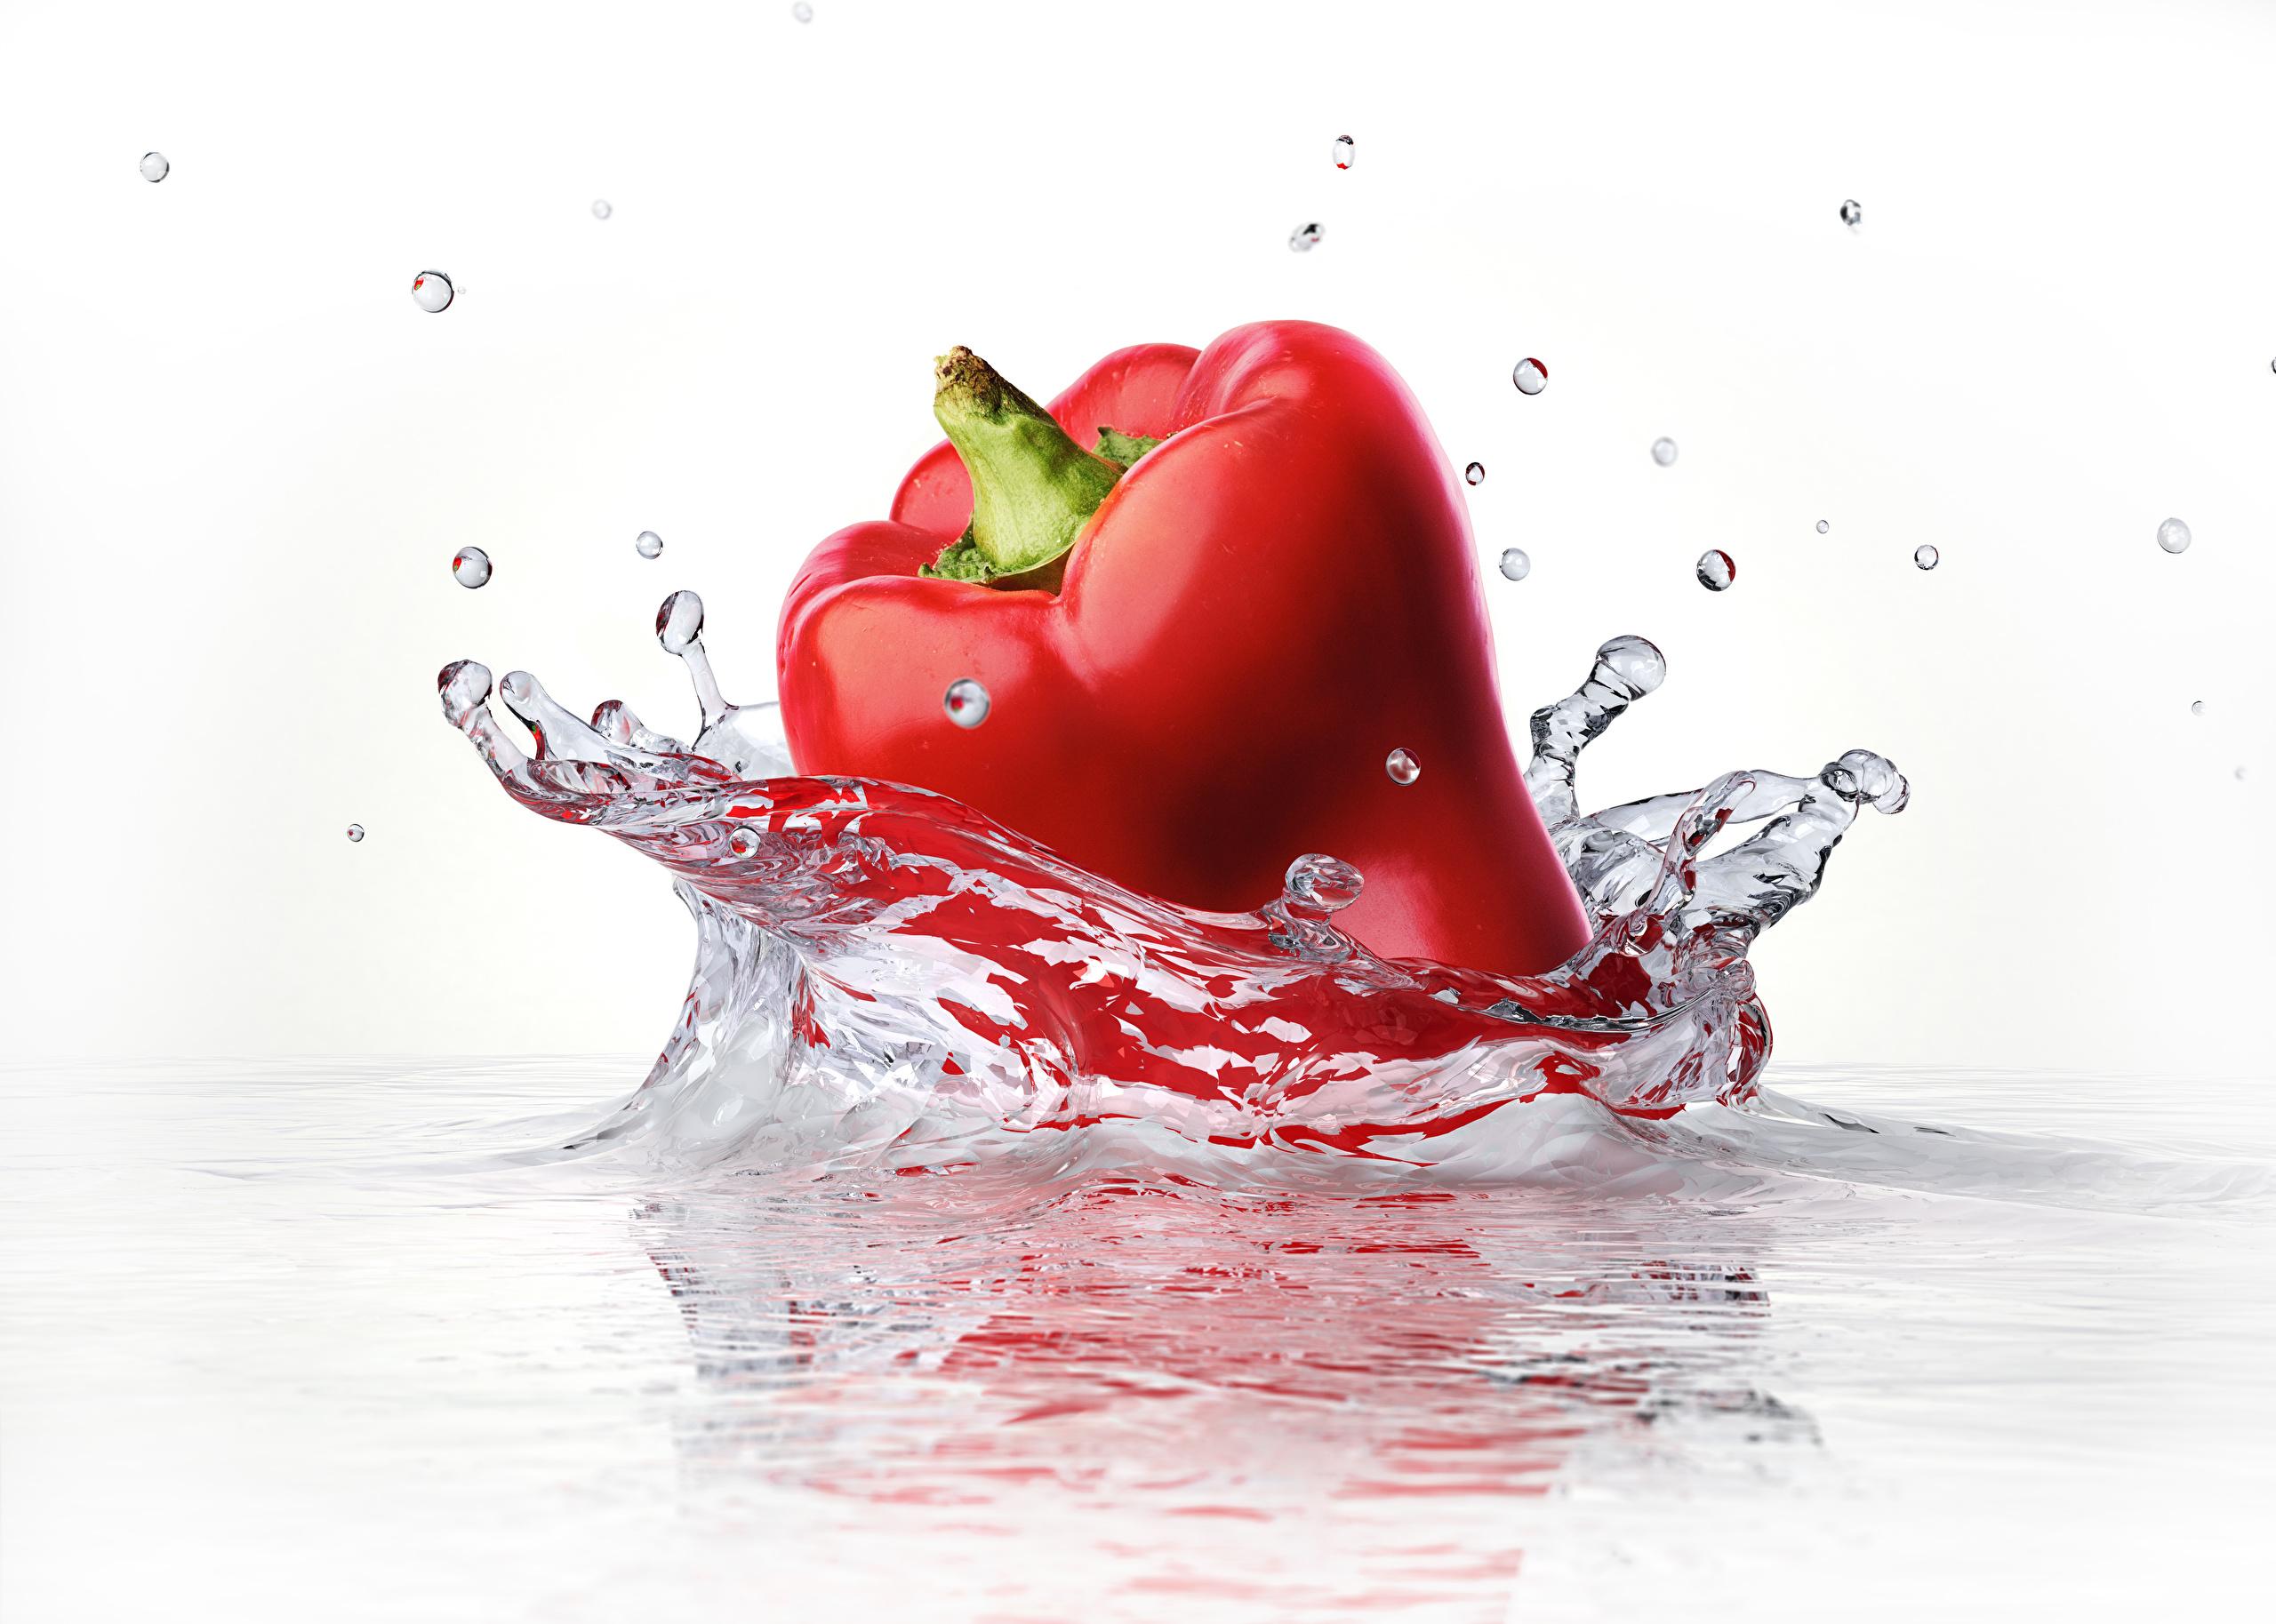 Pepper_Closeup_Water_Red_429926